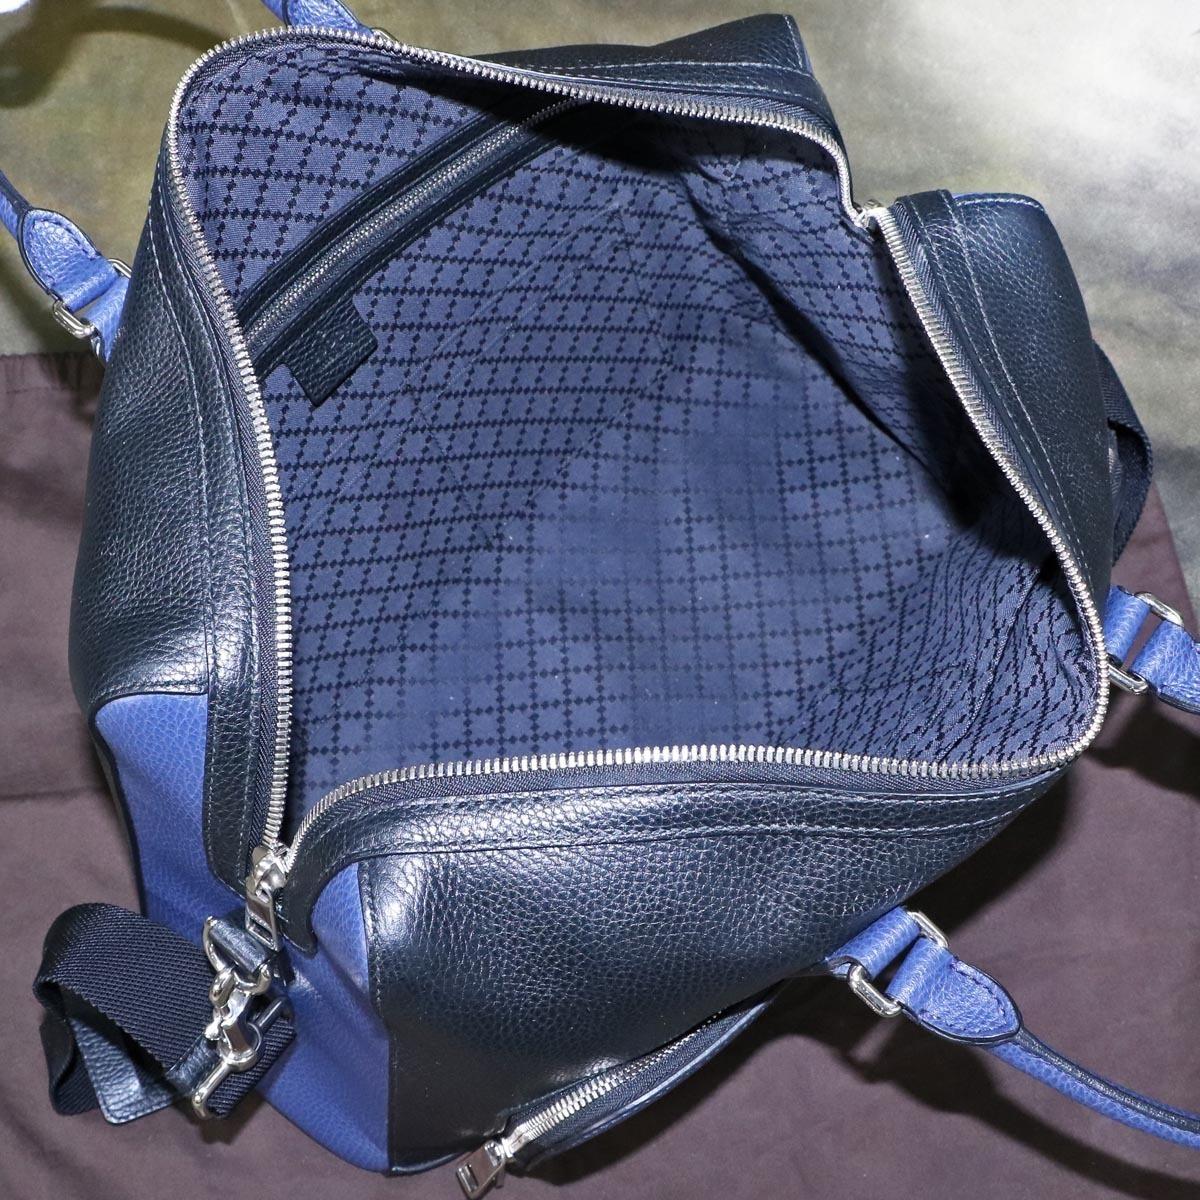 本物 極上品 グッチ 最高級トリヨンレザー コスモポリス 2WAYメンズビジネスバッグ A4書類ブリーフケース トートバッグ 袋 冊子付 GUCCI_画像8